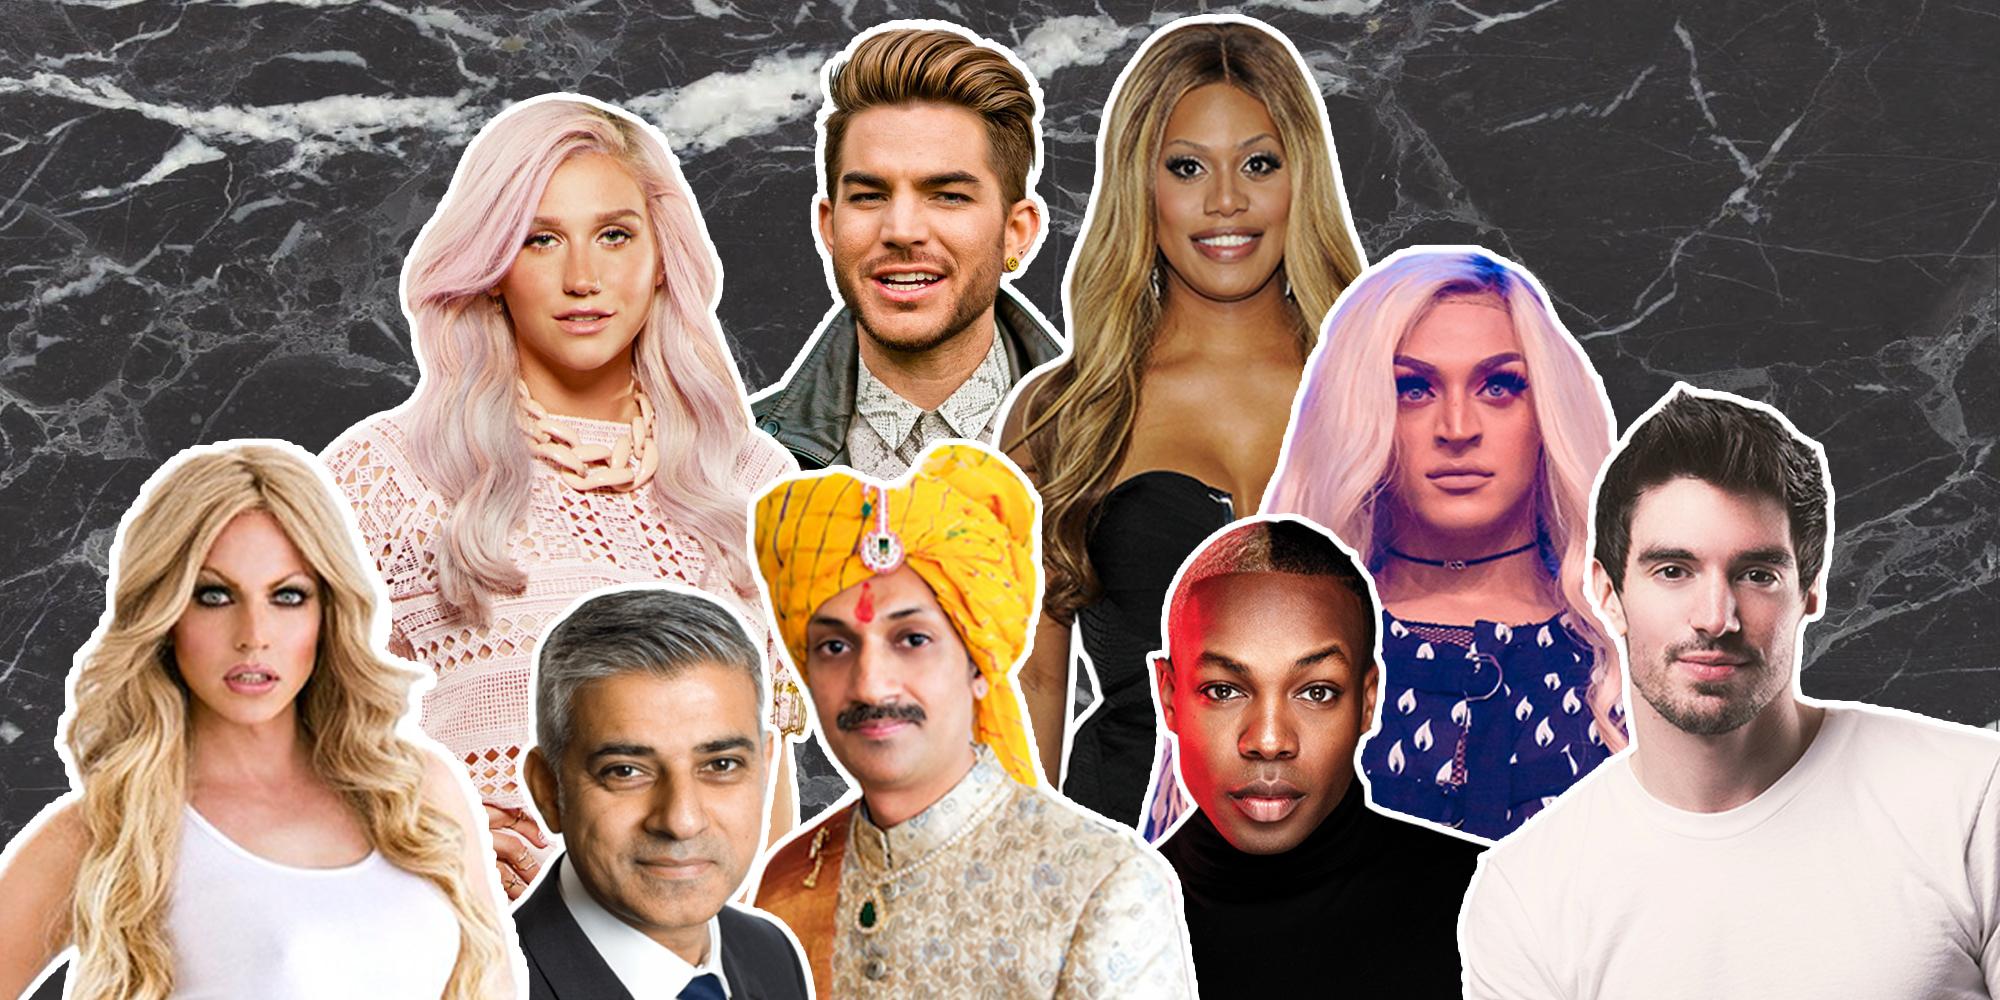 El Global Pride 2020 de este fin de semana será el evento LGBTQ más grande del mundo de todos los tiempos